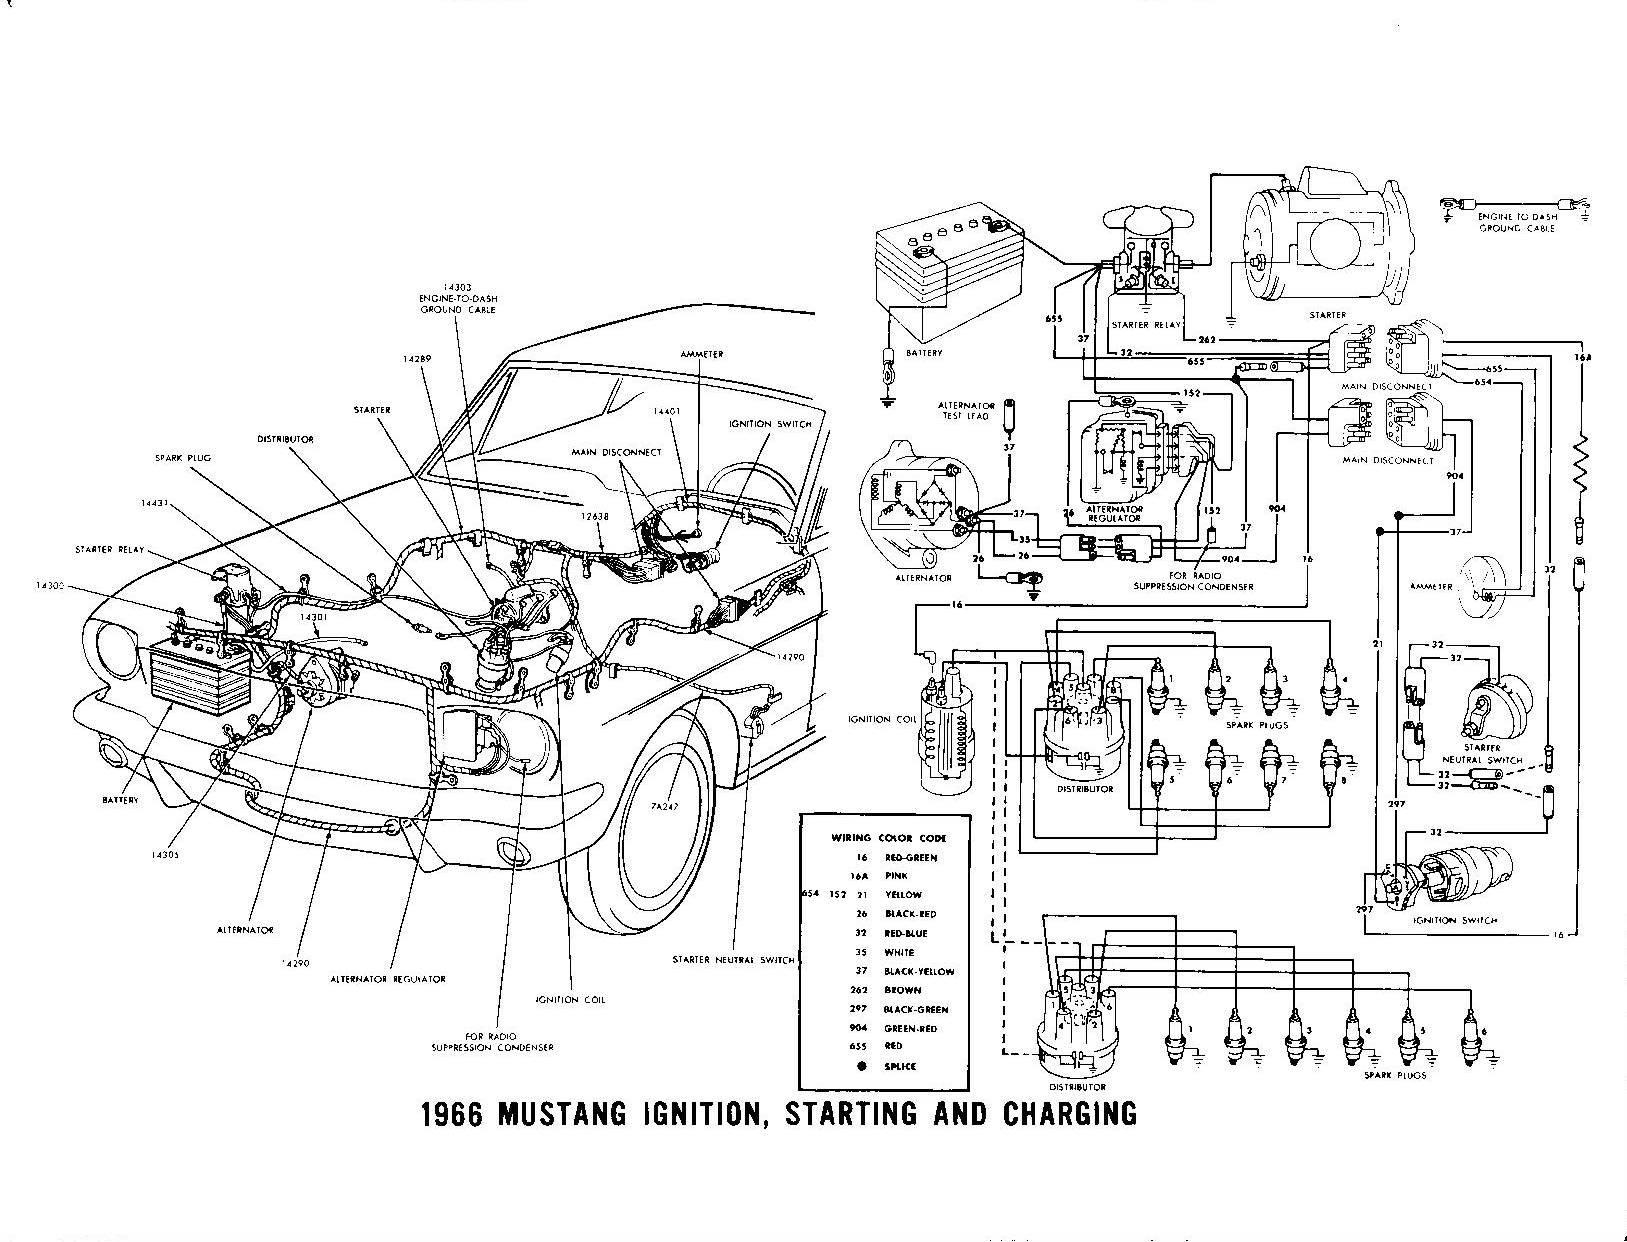 hight resolution of 1965 mustang voltage regulator wiring diagram wiring diagrams ford voltage regulator wiring diagram 1965 mustang voltage regulator wiring diagram